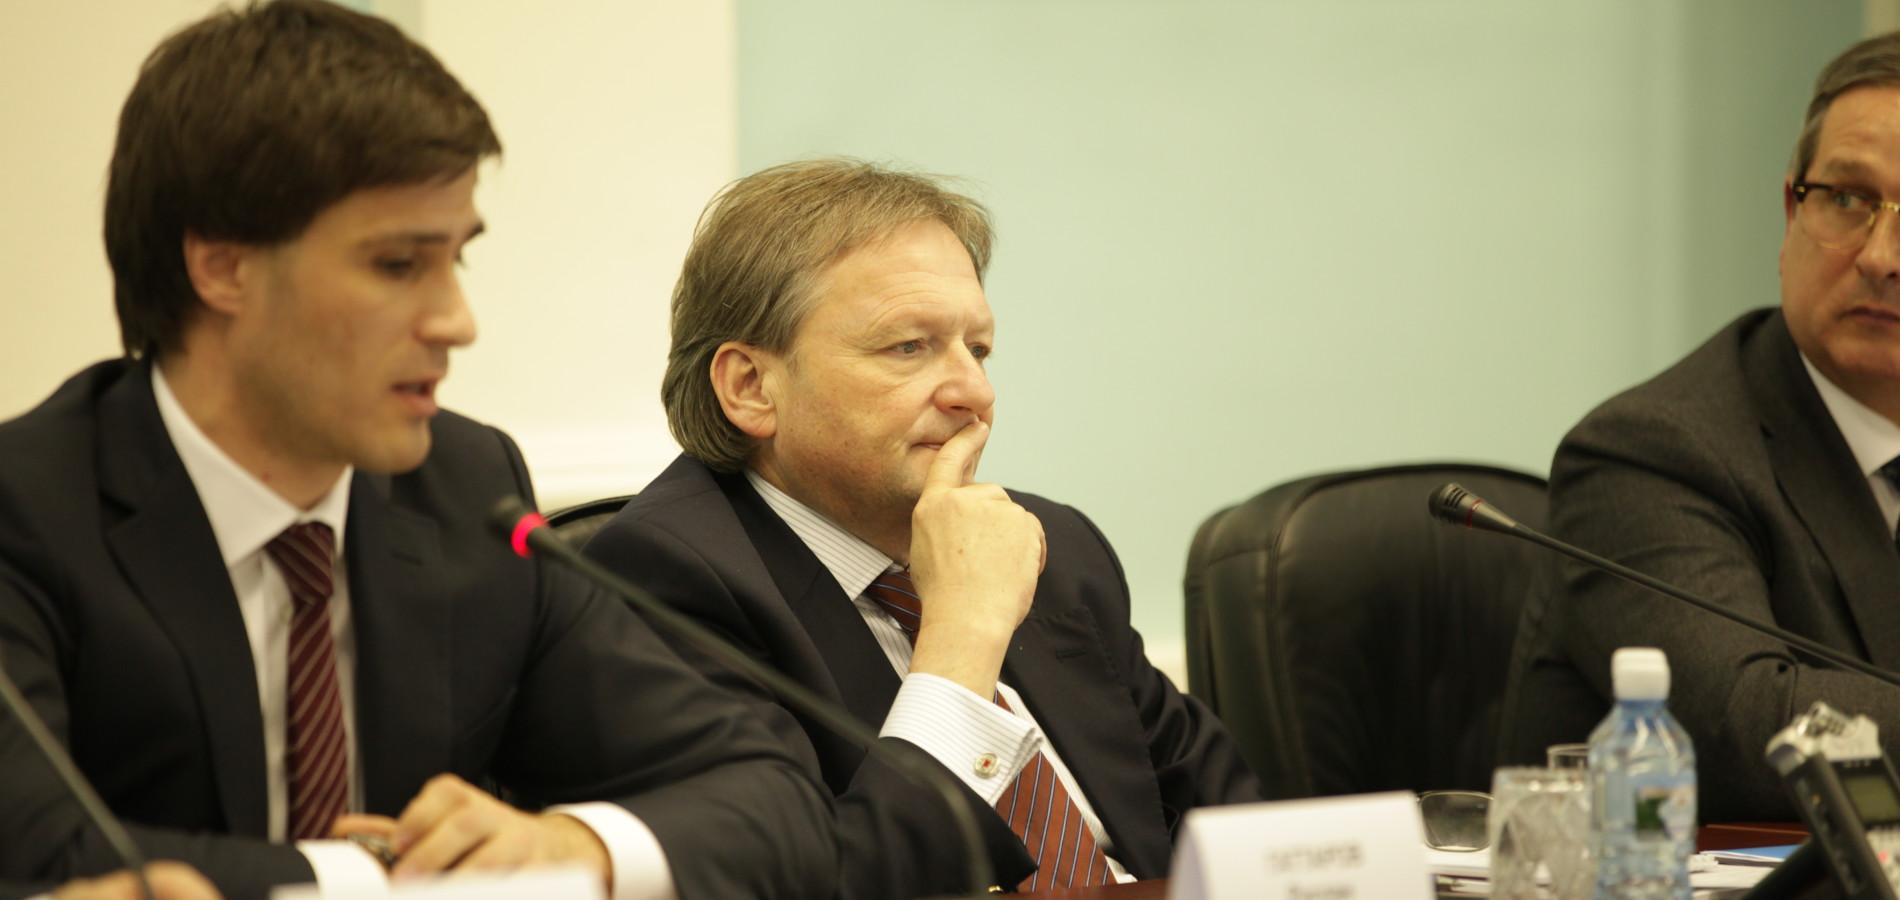 Борис Титов посетил Челябинск: регион обладает огромным потенциалом для развития малого и среднего бизнеса.